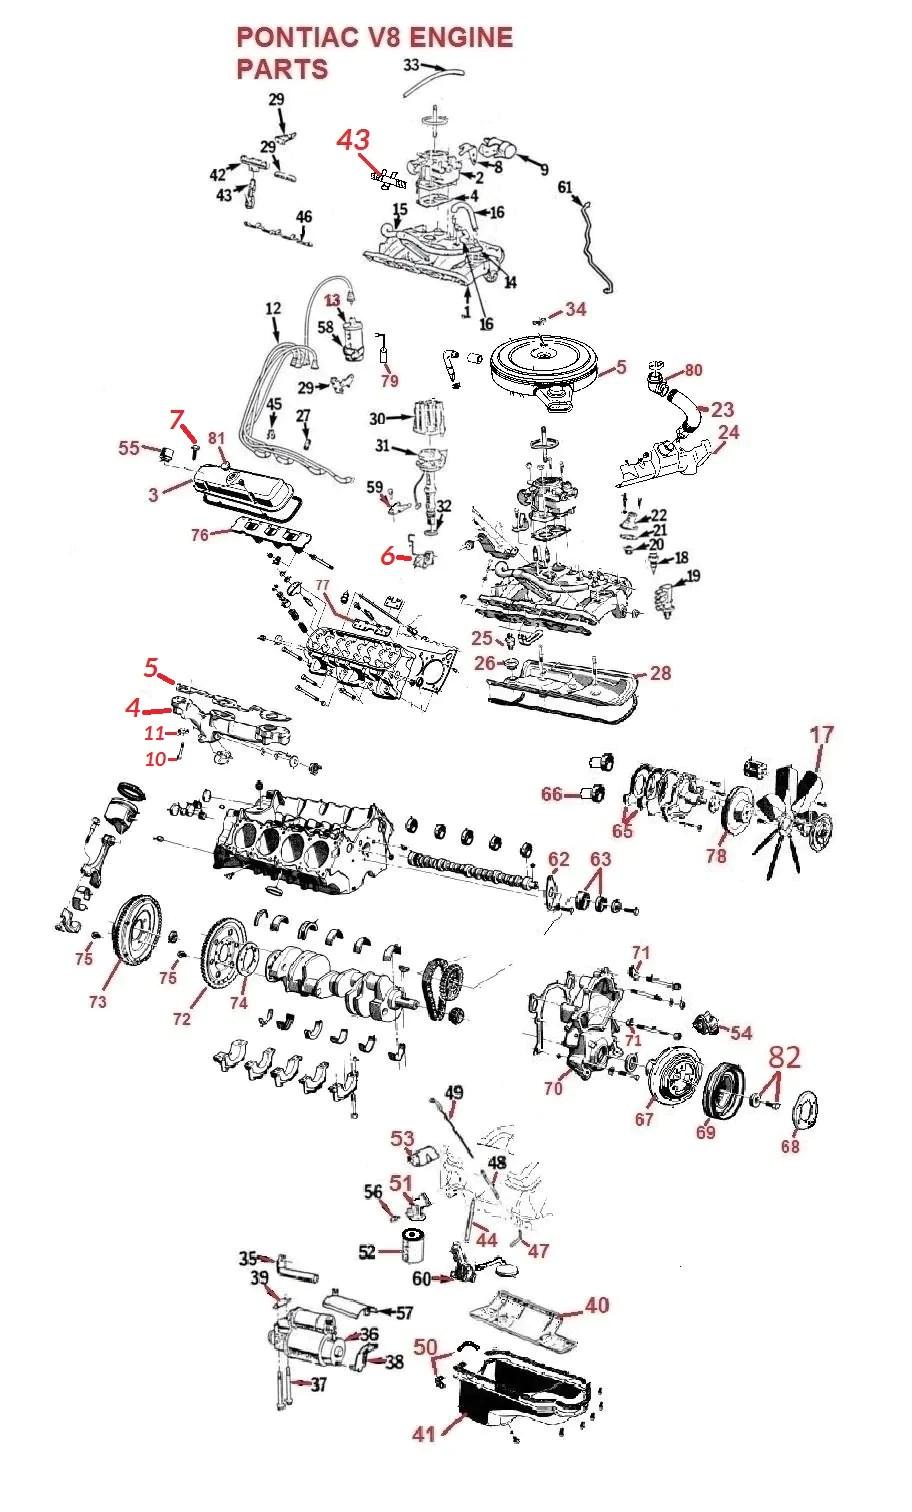 67 72 pontiac v8 engine parts [ 904 x 1492 Pixel ]